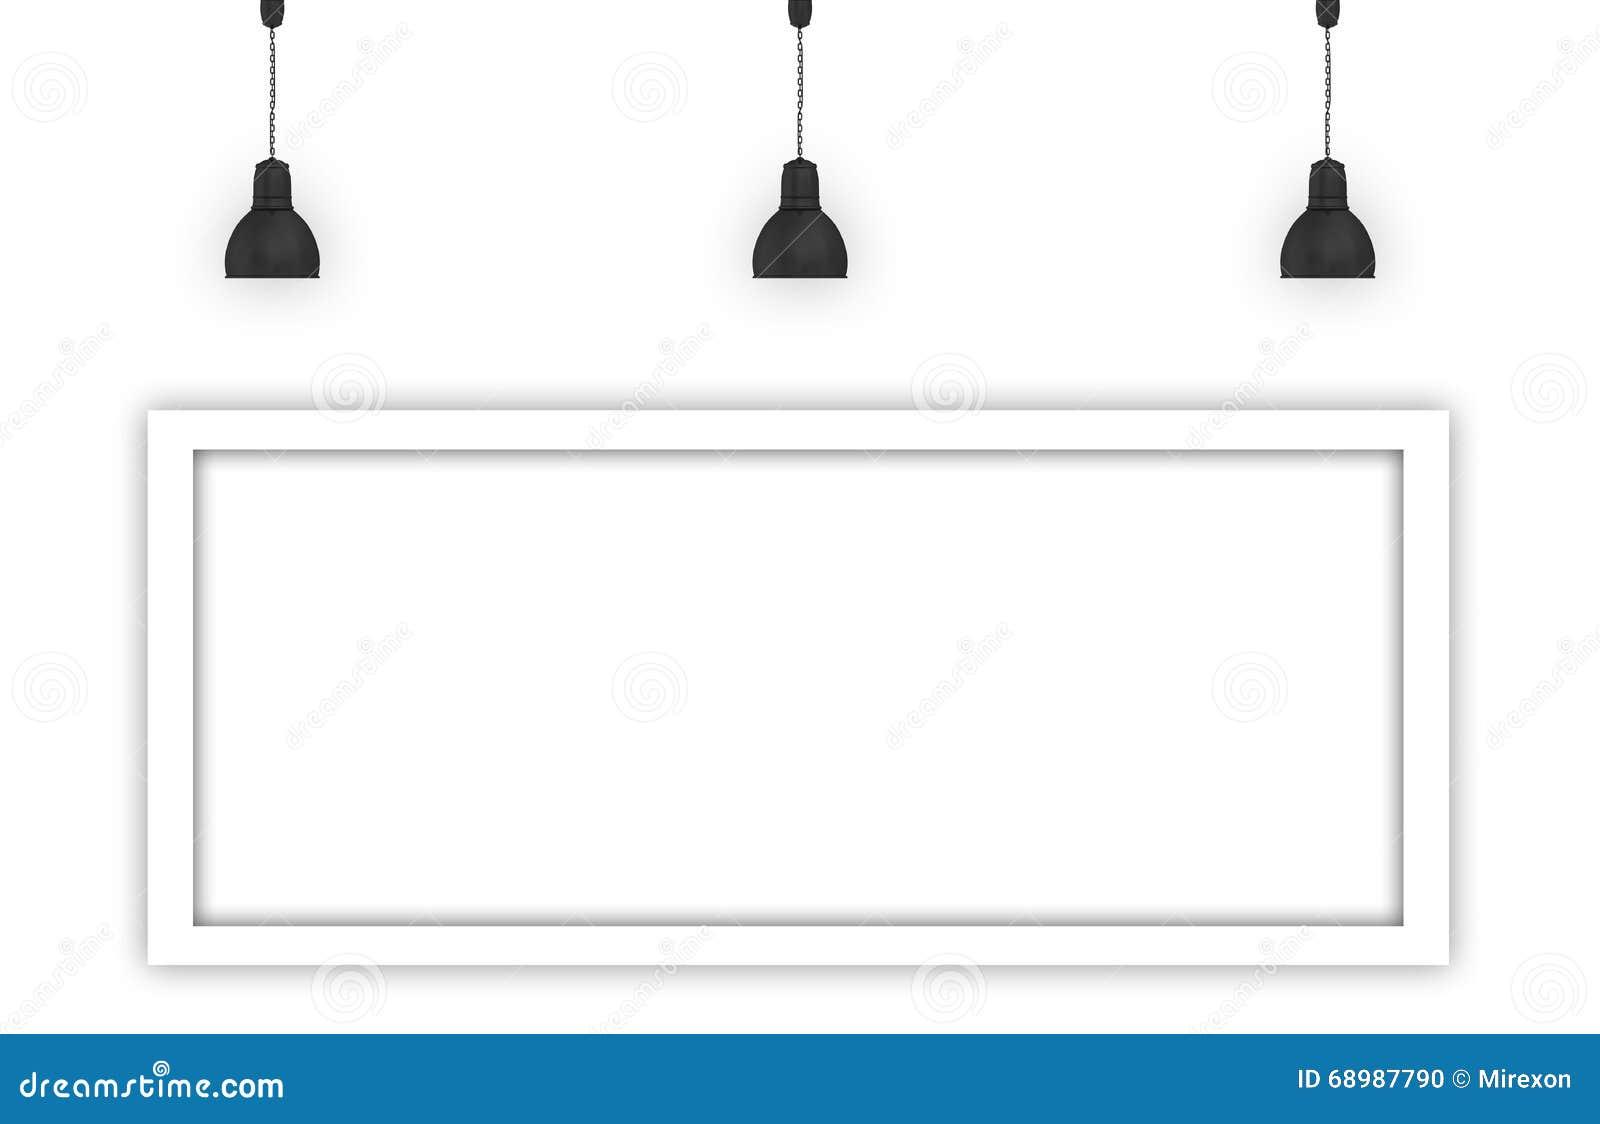 La pared blanca iluminada por las lámparas vacia la cartelera del espacio